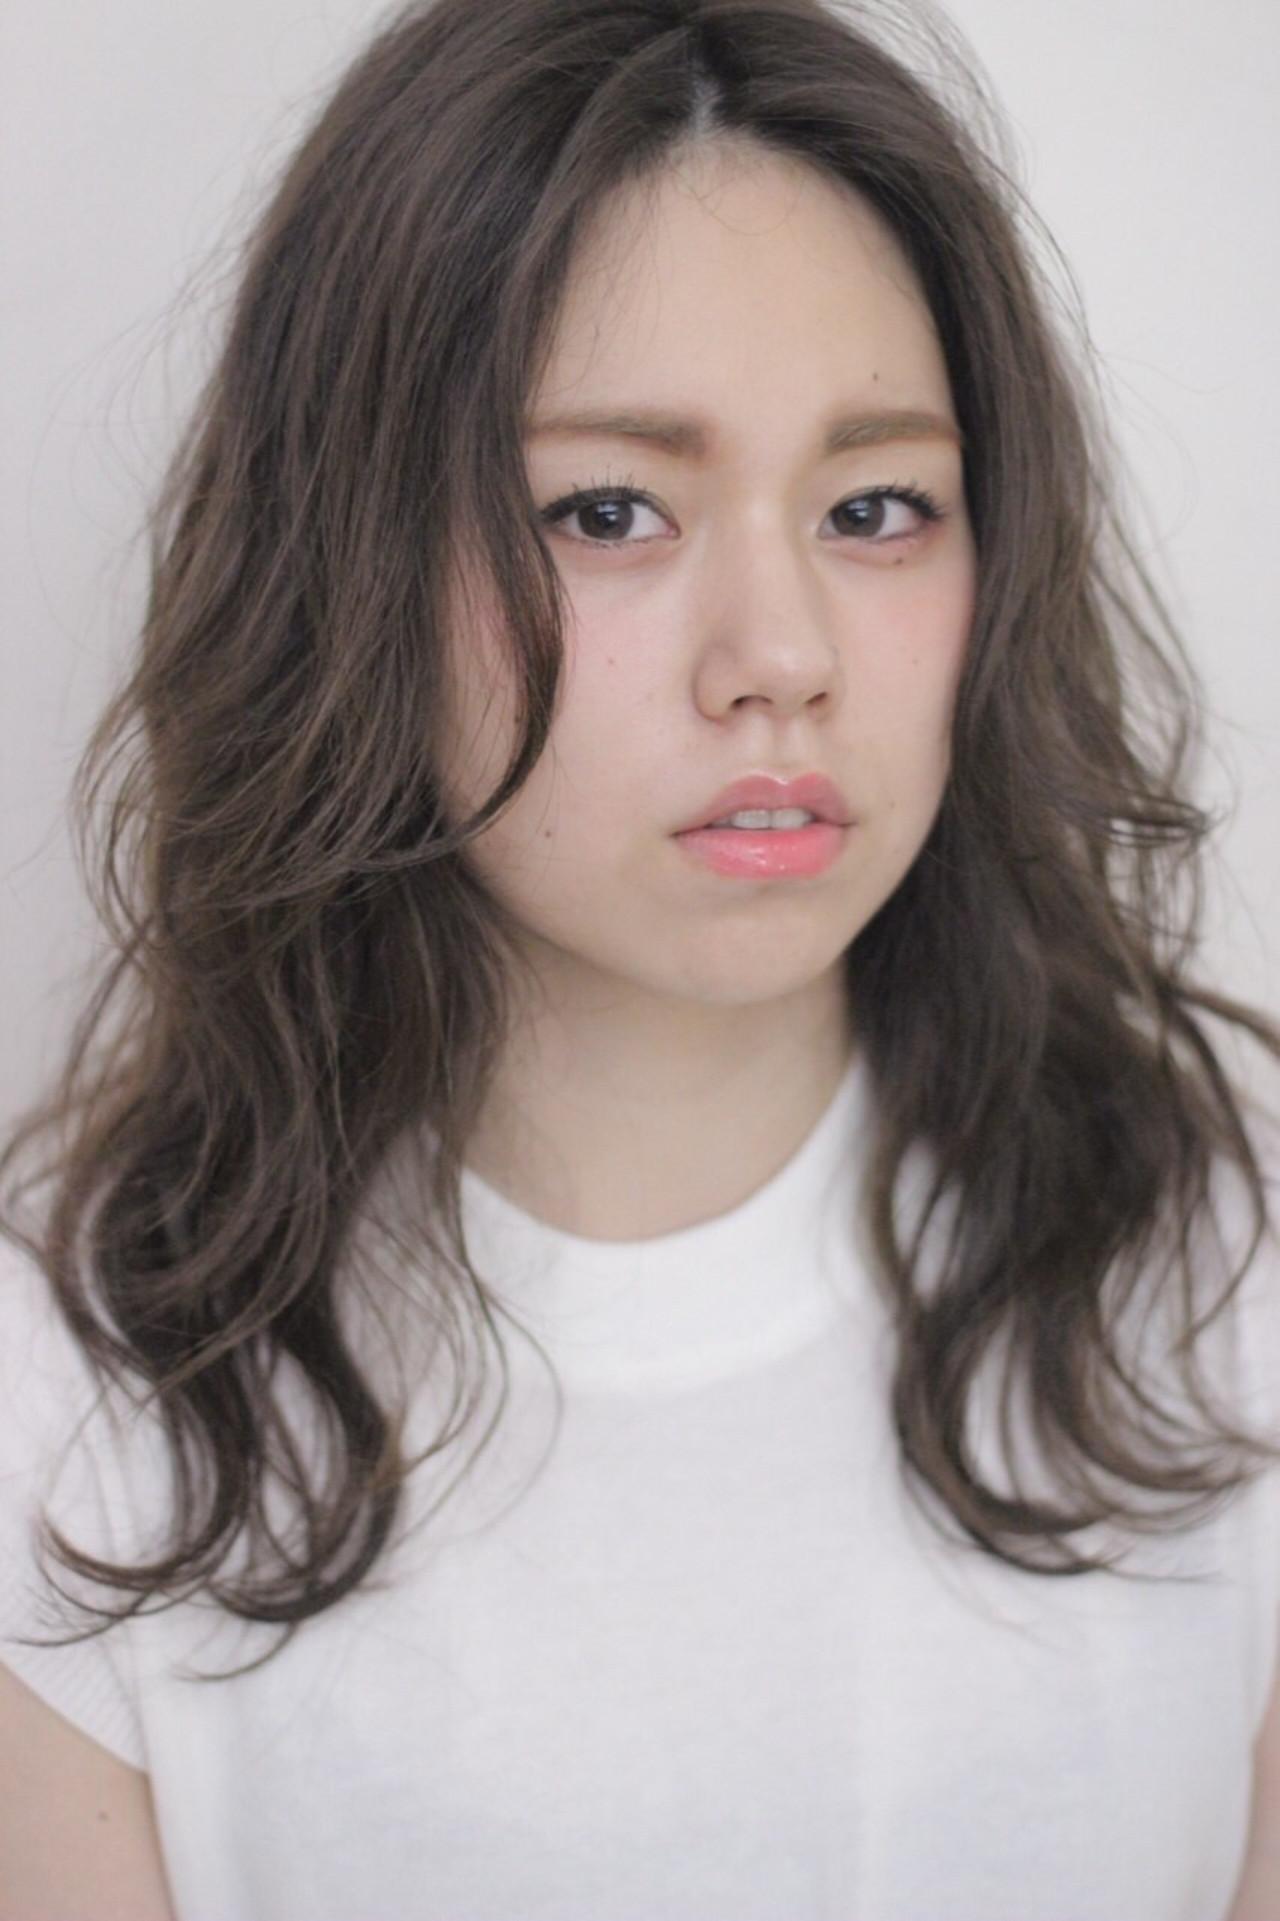 オトナが目指す外国人風ヘア♡ローライトでヘアスタイルに奥行きを… 和田 早代